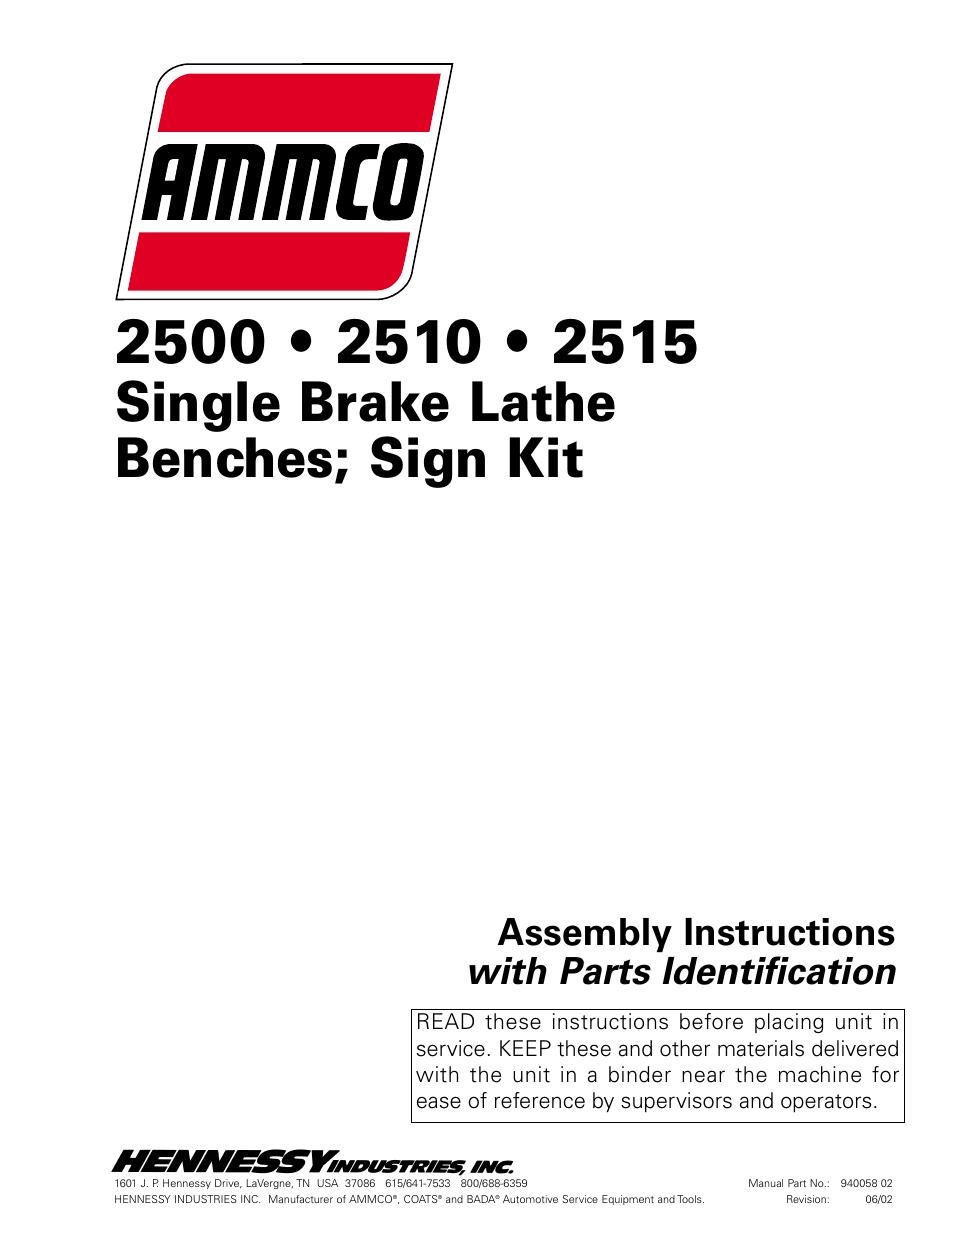 Ammco 3000 Brake Lathe Repair Manual Best 2017 Wiring Diagram Diagrams